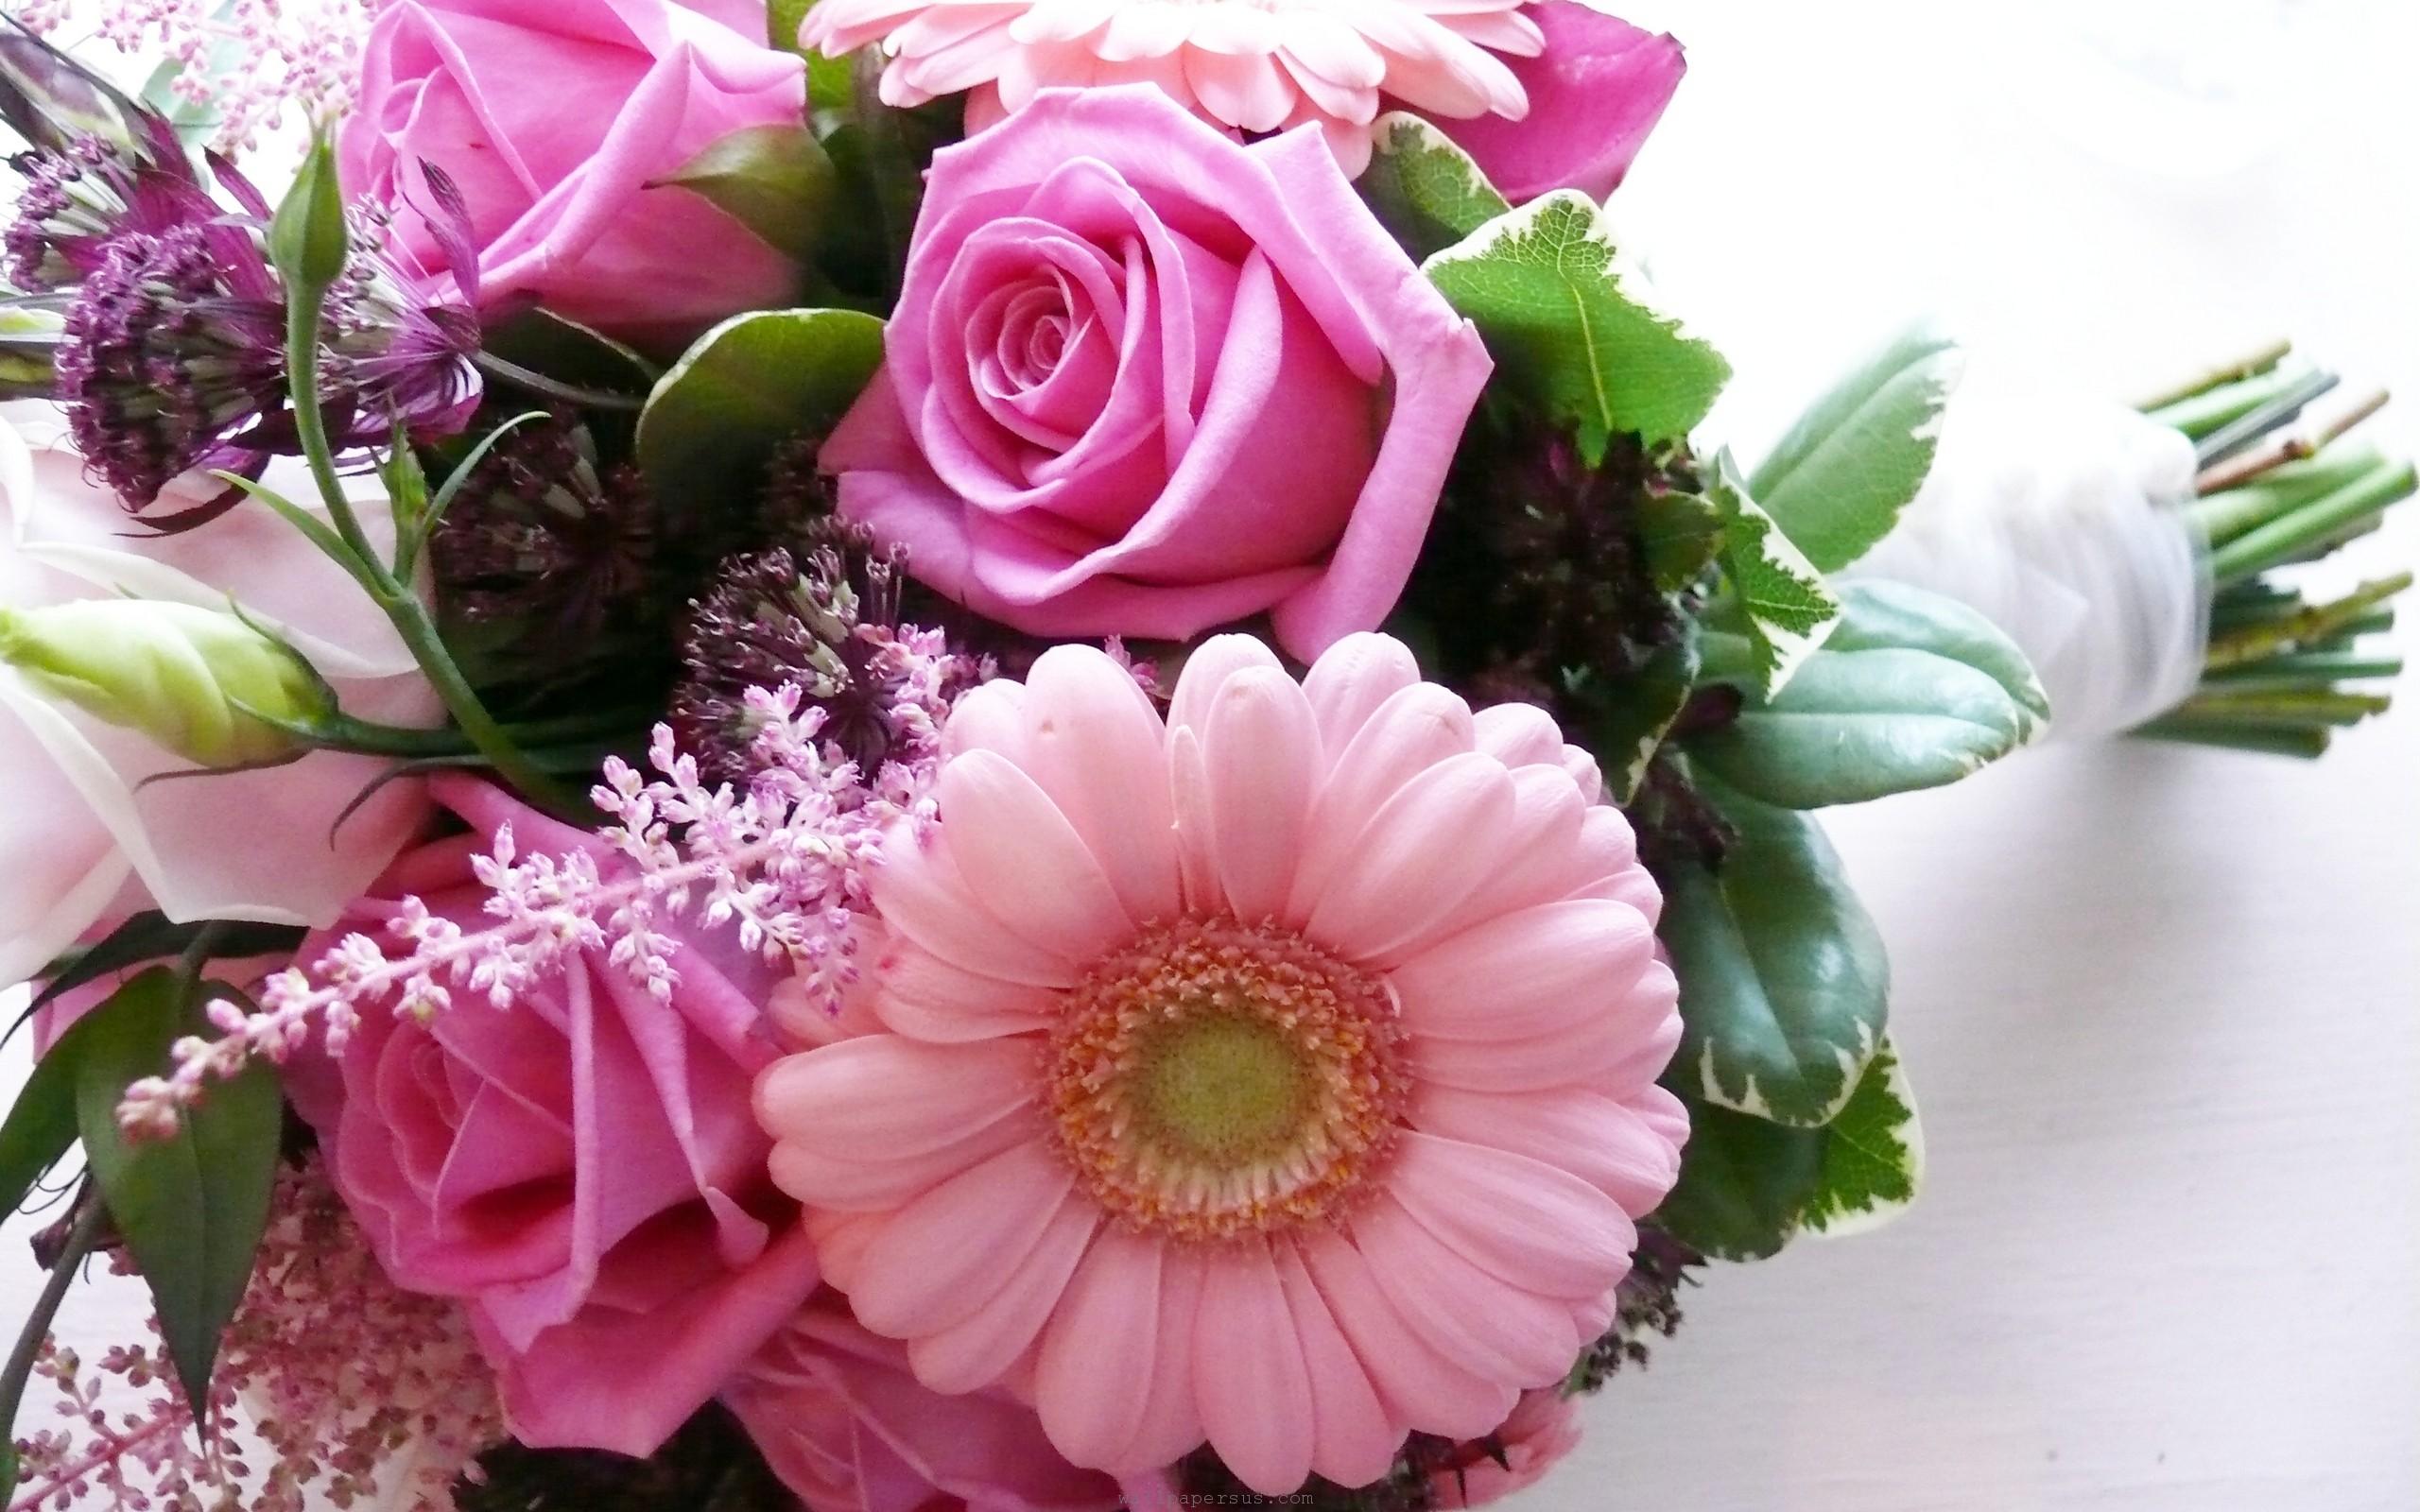 صورة صور زهور رائعة , الزهور وجمالها ومحبيها